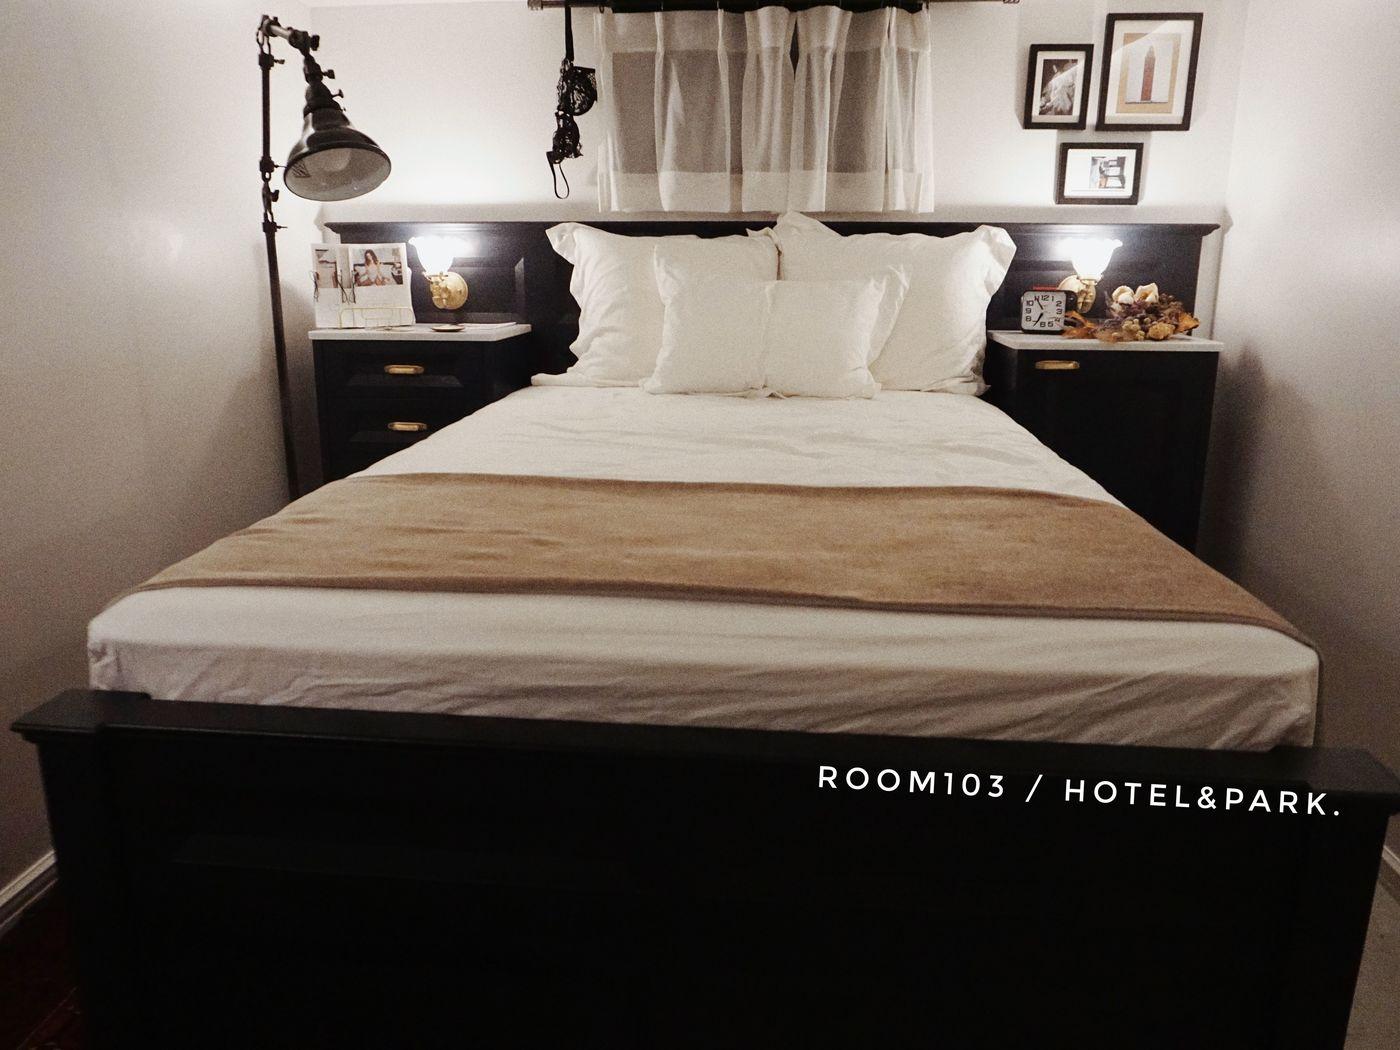 雰囲気はまるで海外のホテル!HOTEL&PARK.でつるすべ肌を手に入れよう♪の画像